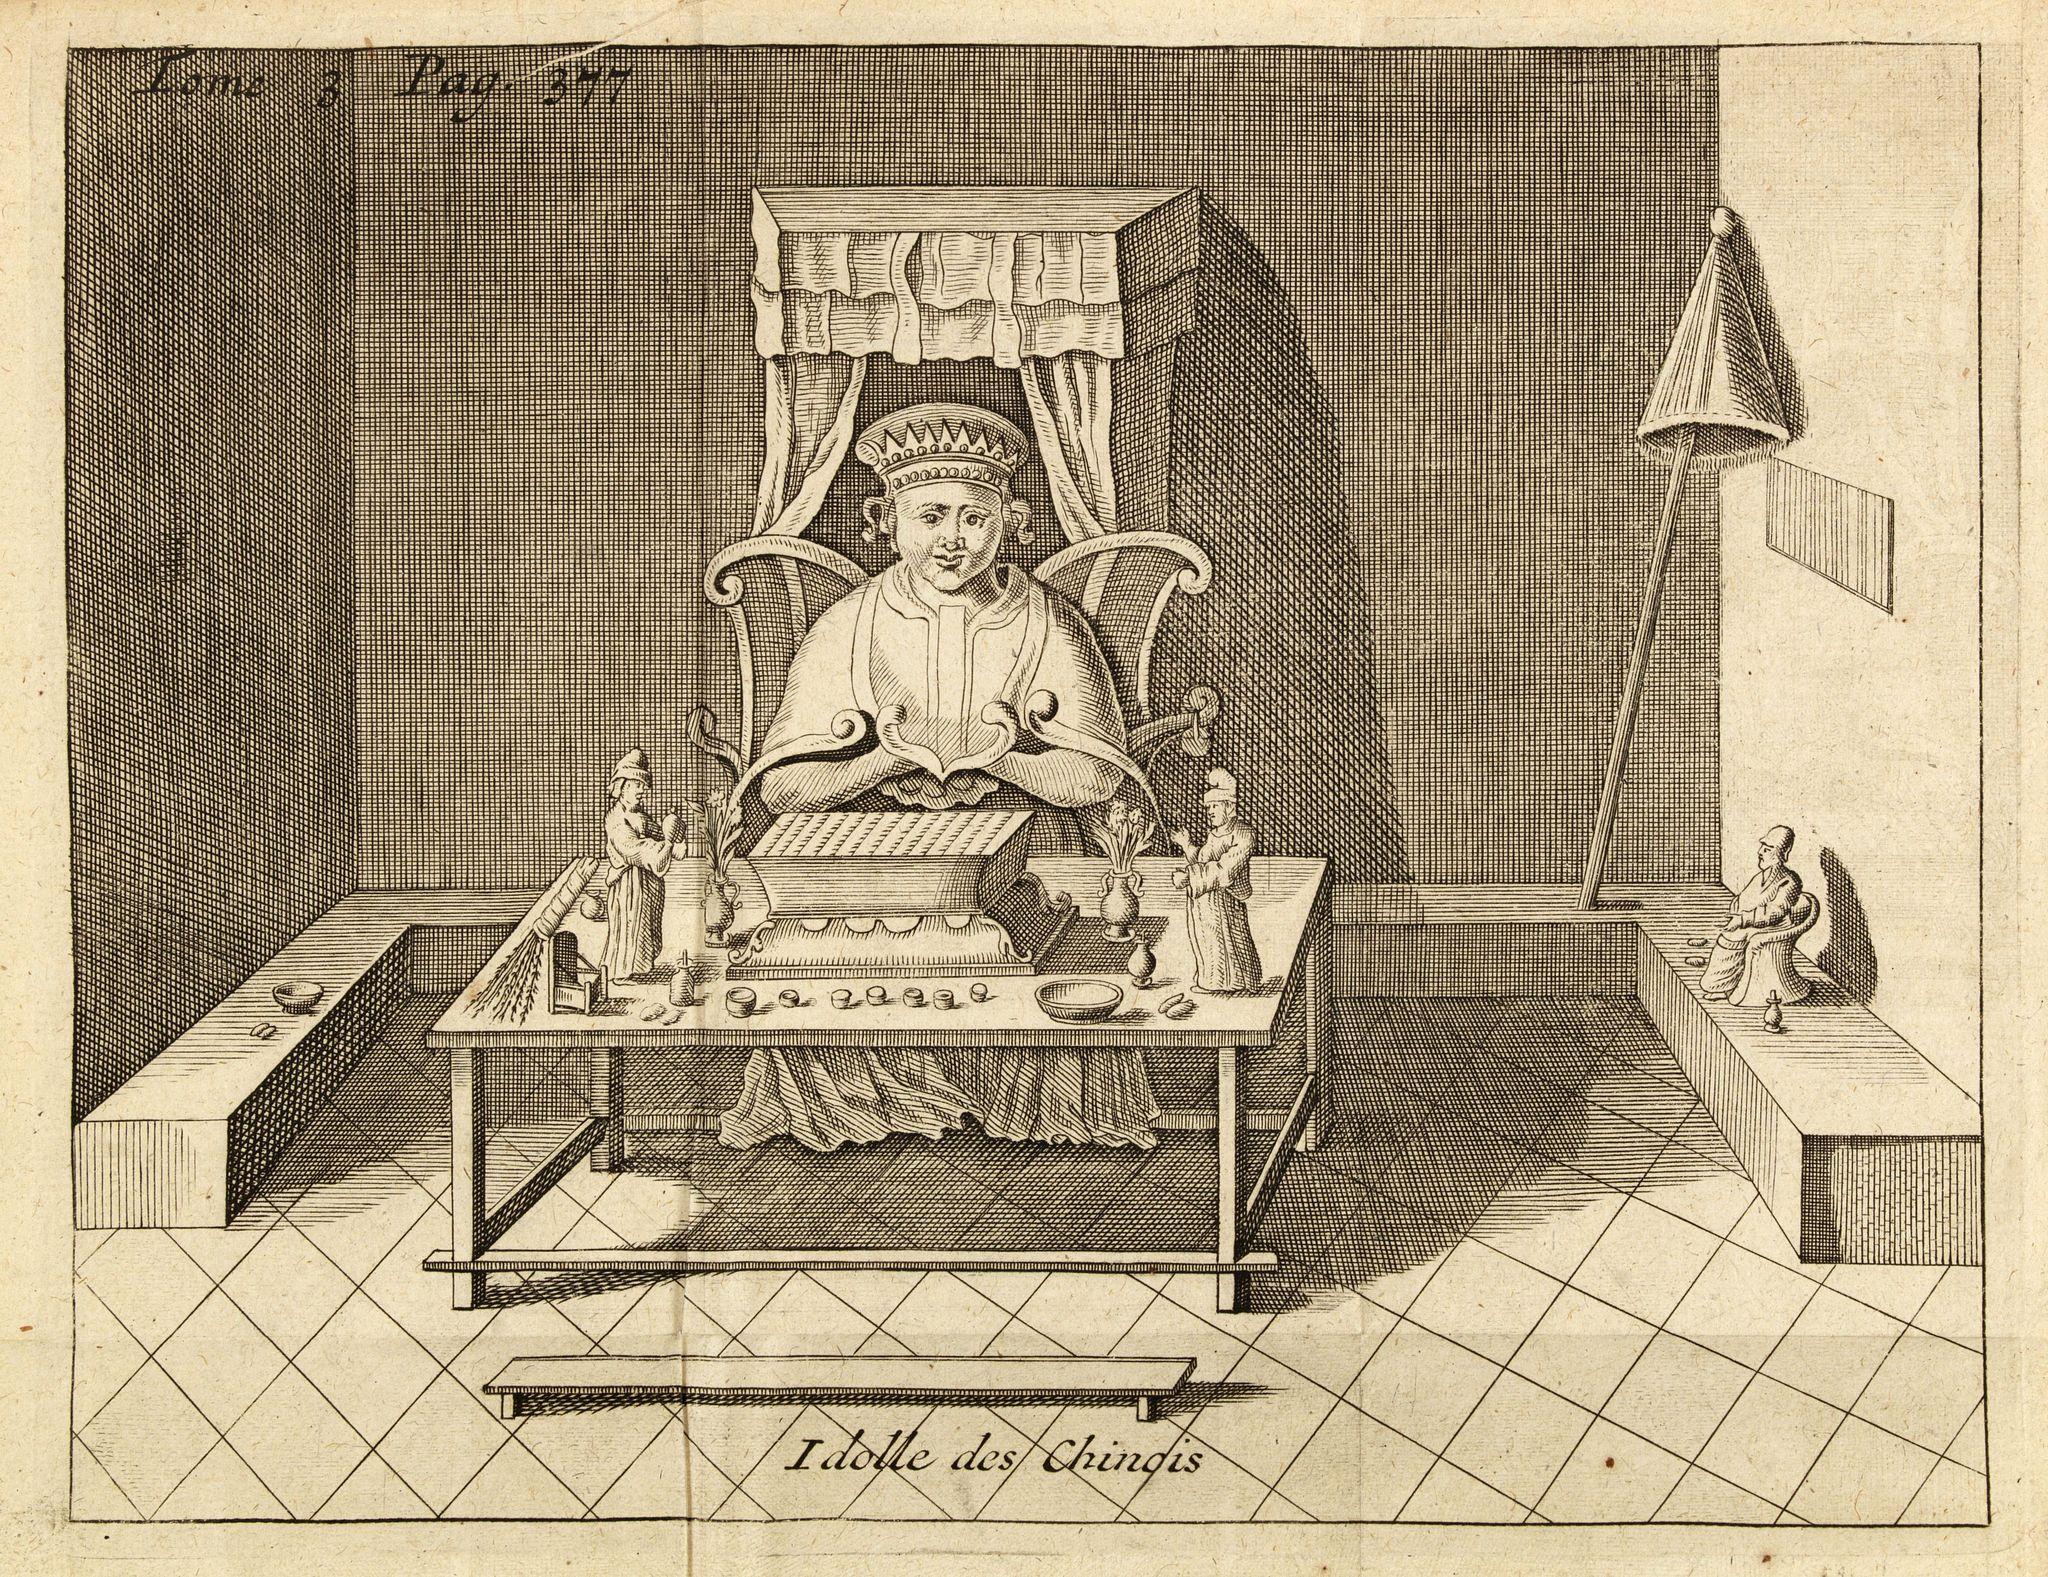 RENNEVILLE De, C. -  Idolle des Chinois.